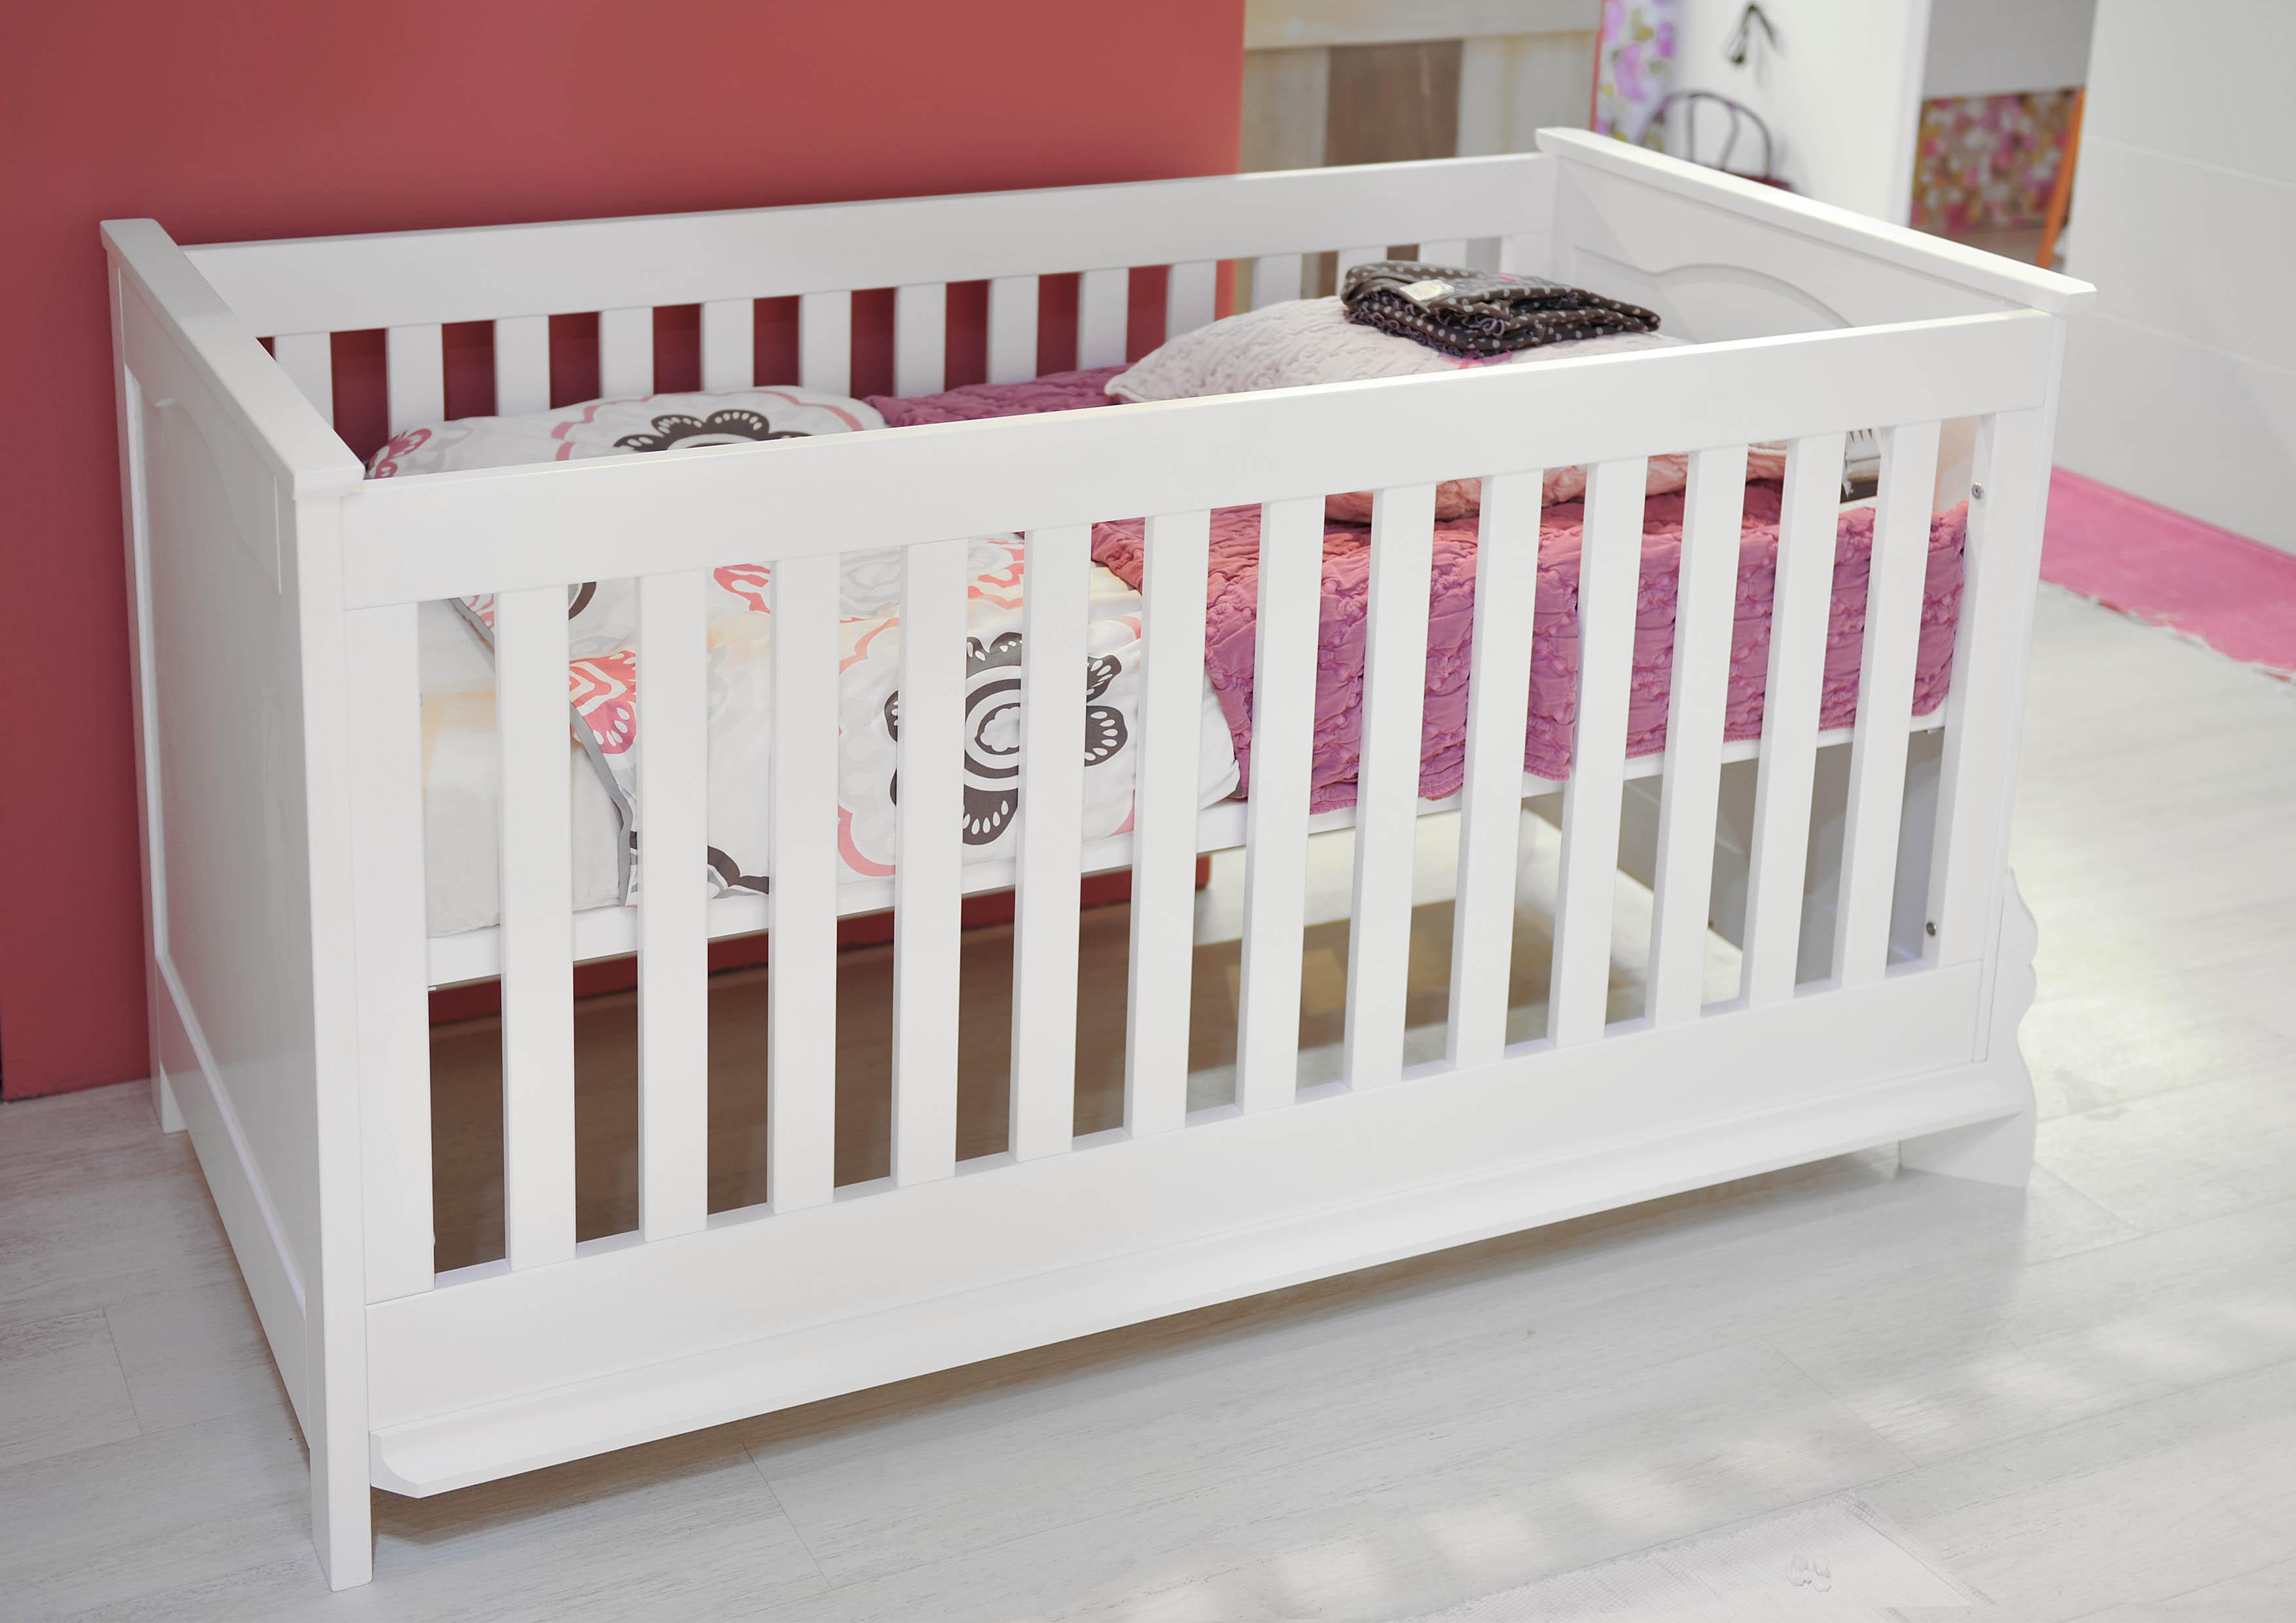 Collection anna par bopita une chambre enfant princi re abitare kids - Lit bebe hauteur reglable ...